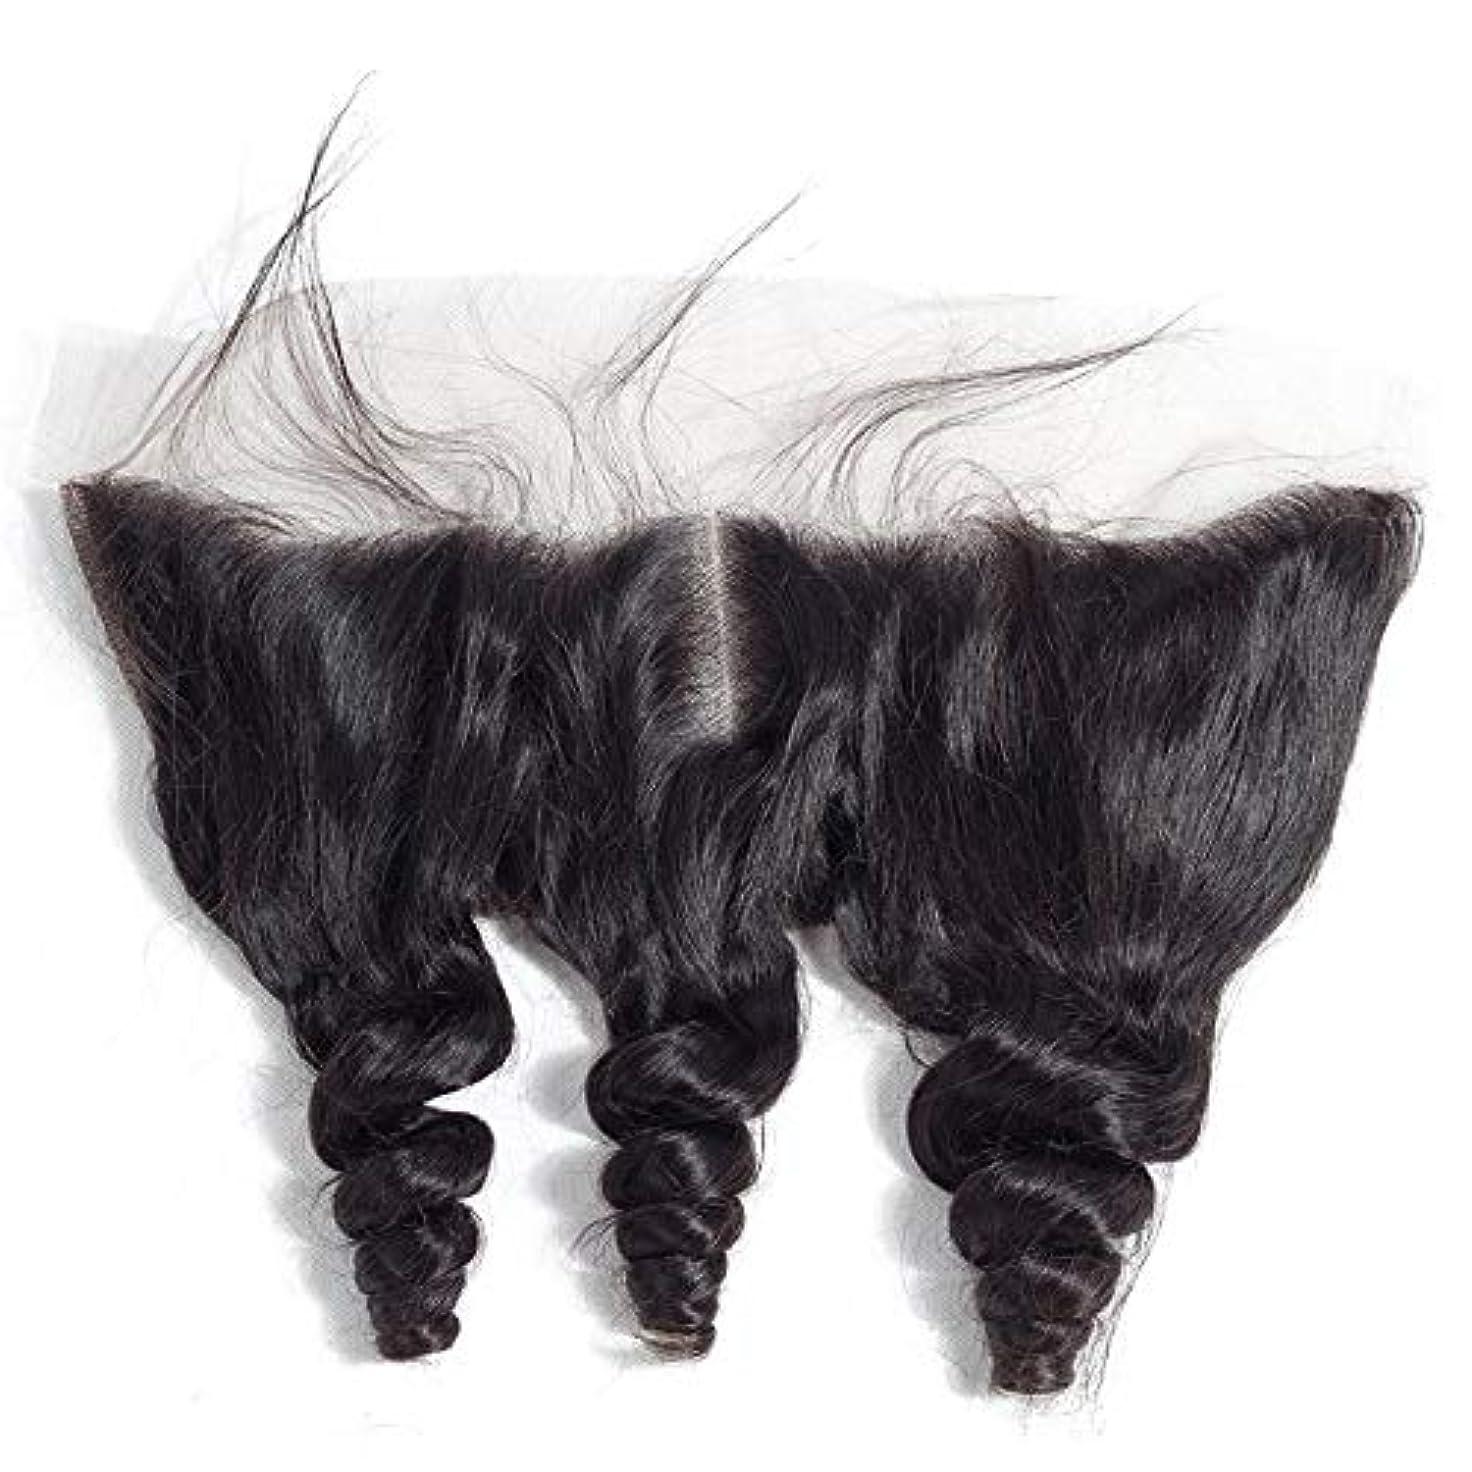 コンピューター動詞人質WASAIO ヘアエクステンションクリップ裏地なし髪型ブラジルルーズウェーブ13 * 4レースフロンタル閉鎖横隔膜パート人間 (色 : 黒, サイズ : 8 inch)